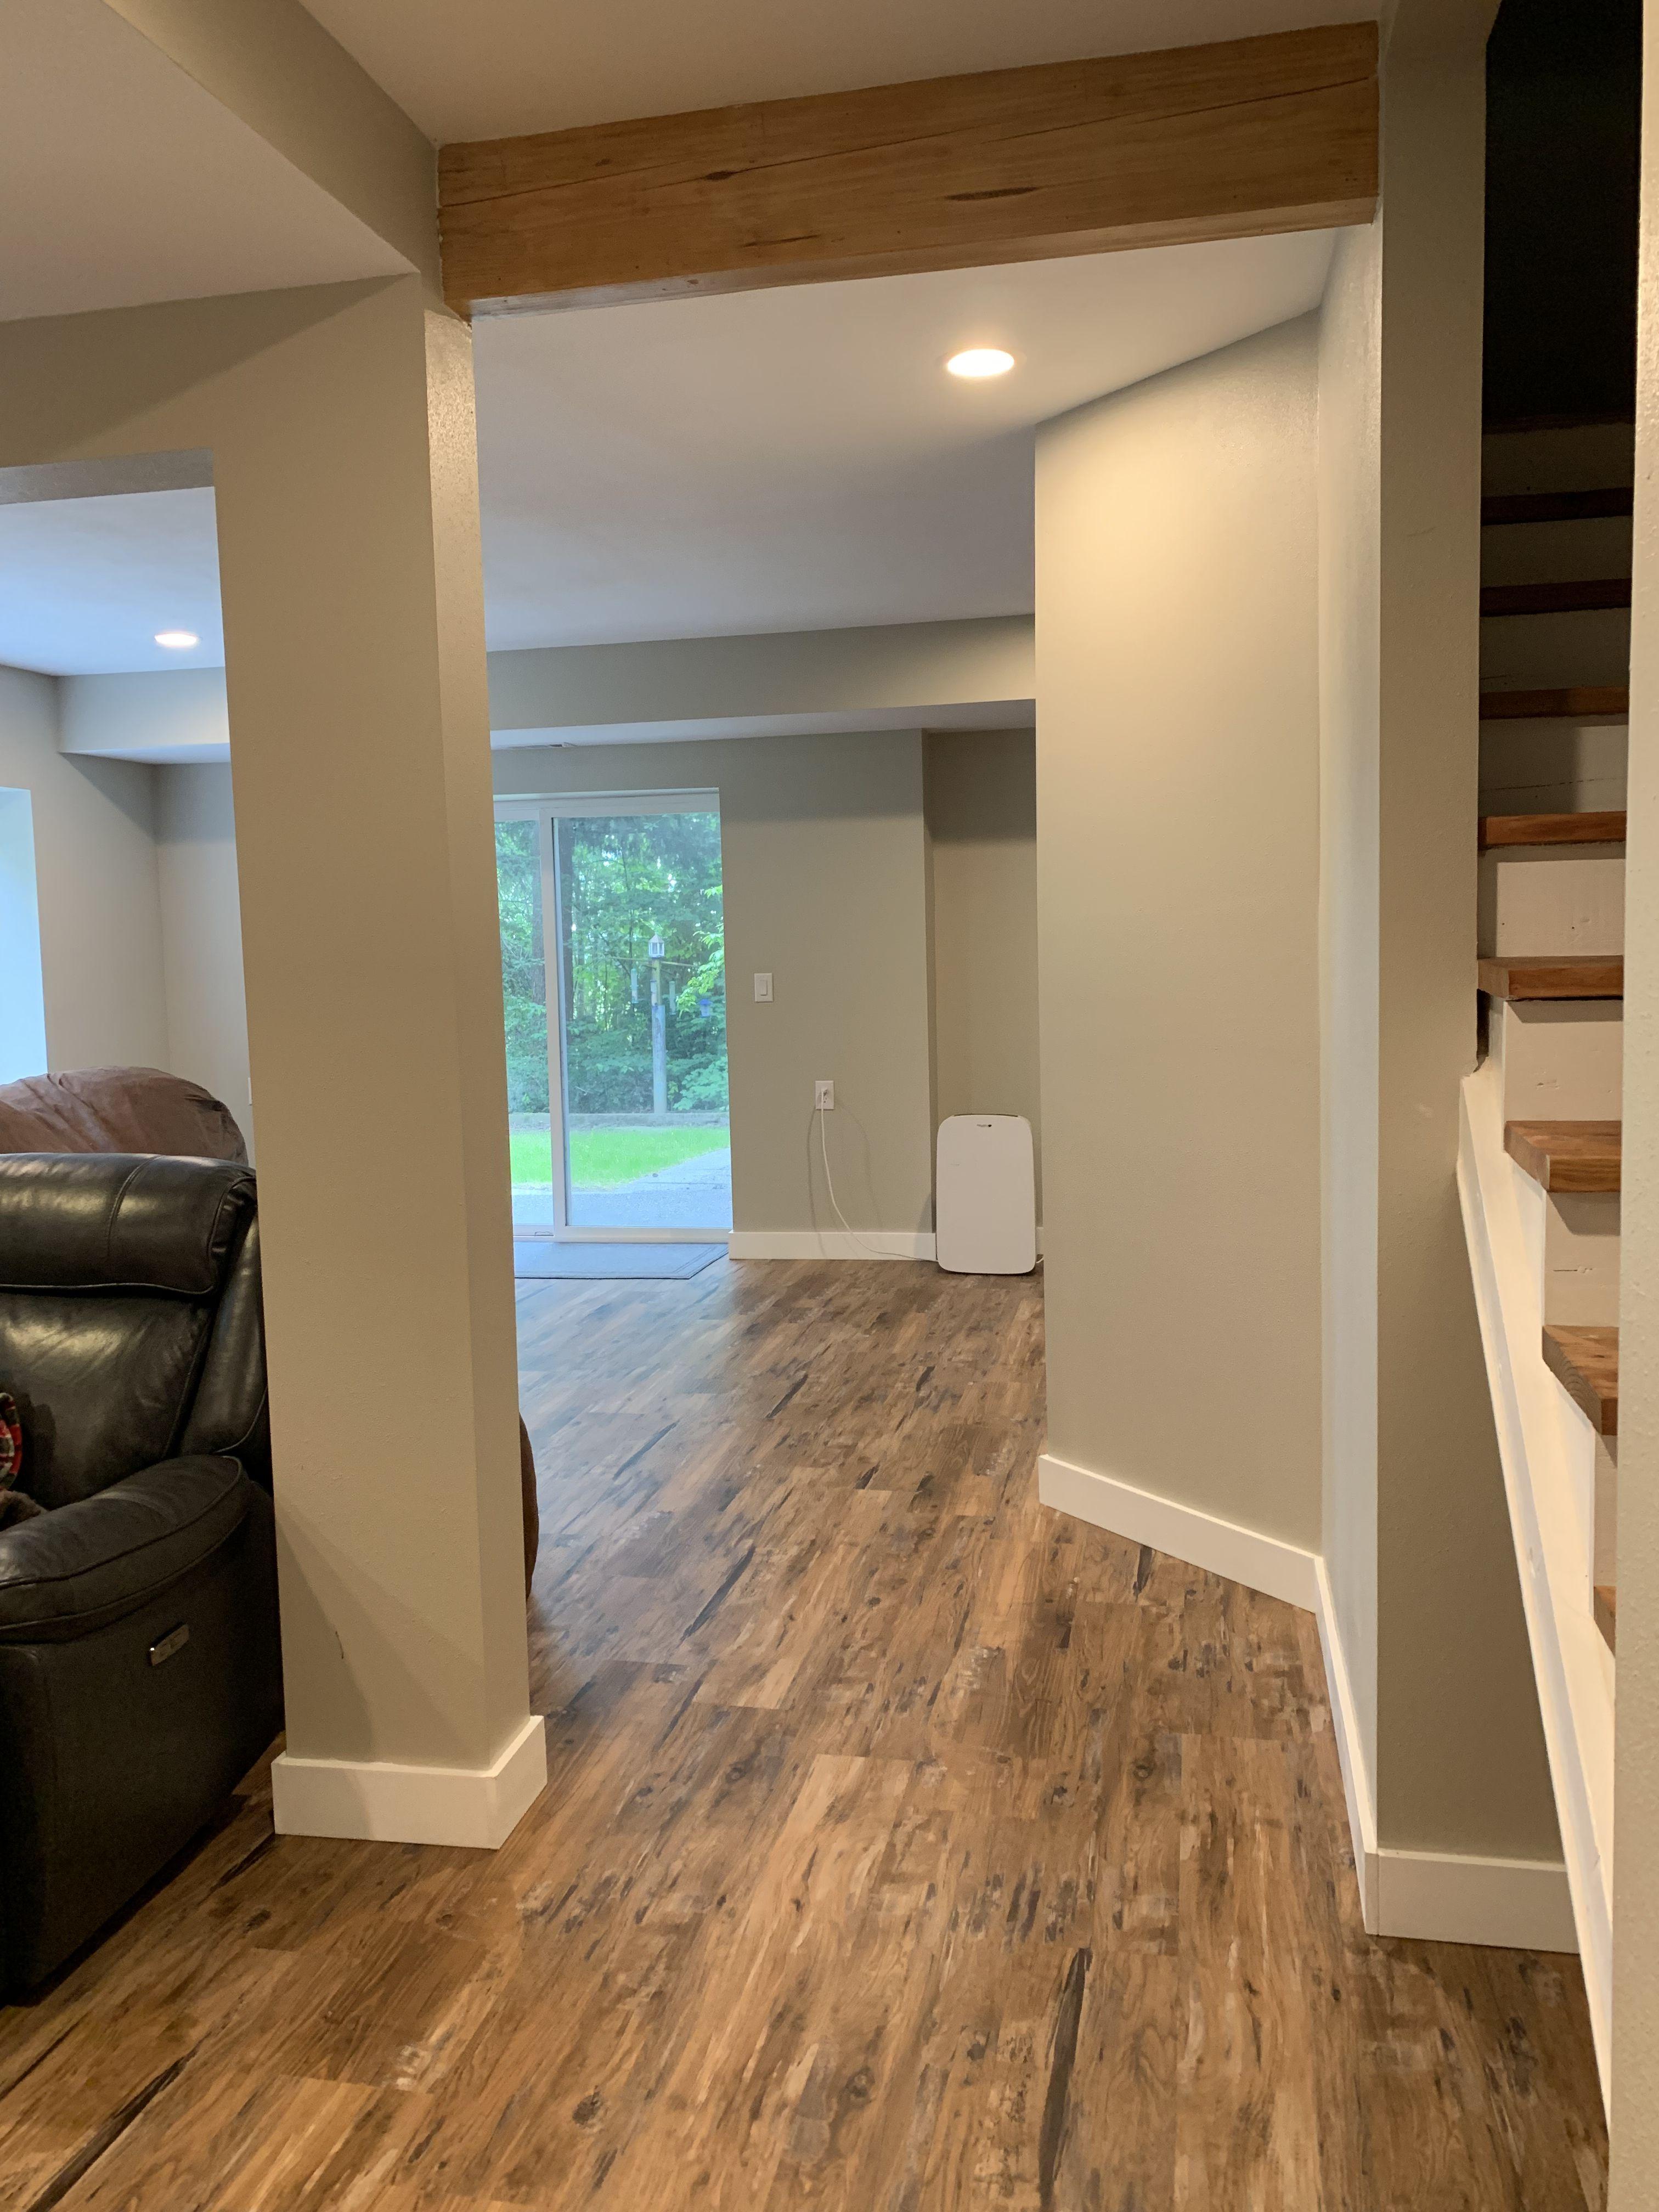 Basement Renovation Using Lifeproof Heirloom Pine Flooring House Flooring Rustic Basement Pine Floors